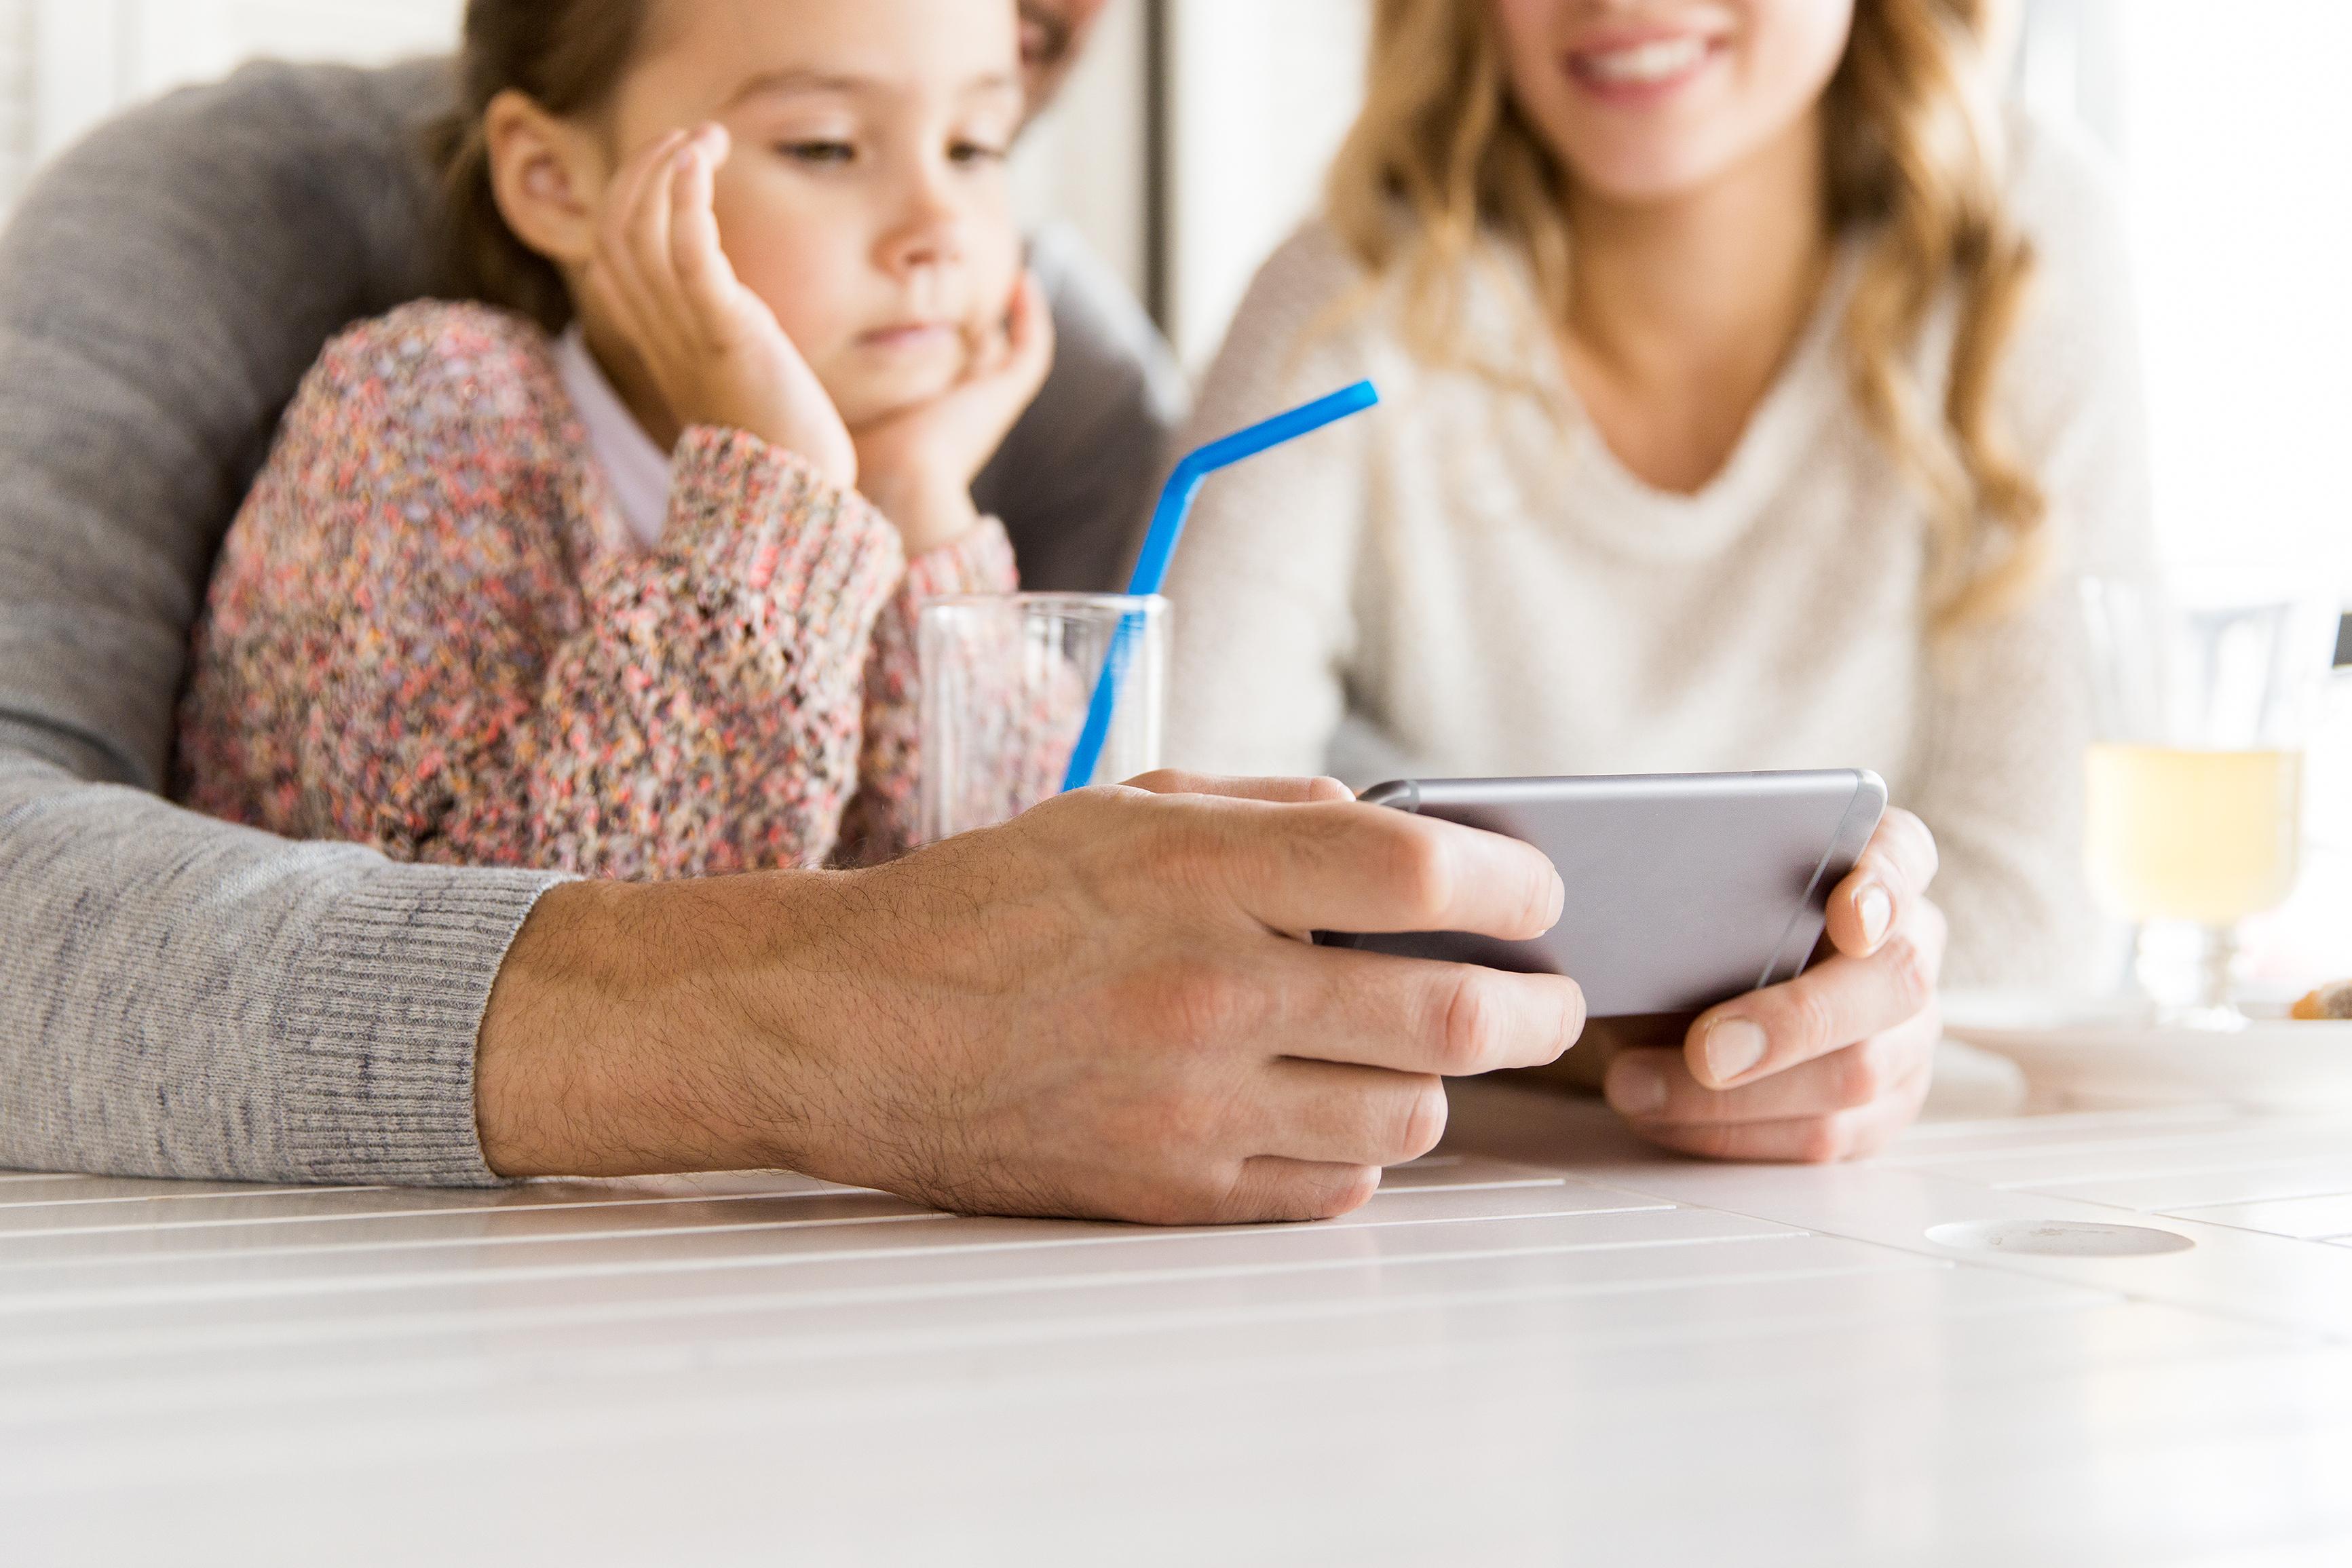 Den nya BarncancerAppen gör att alla närstående kan ta del av viktig – och alltid uppdaterad – information på ett snabbt och smidigt sätt.